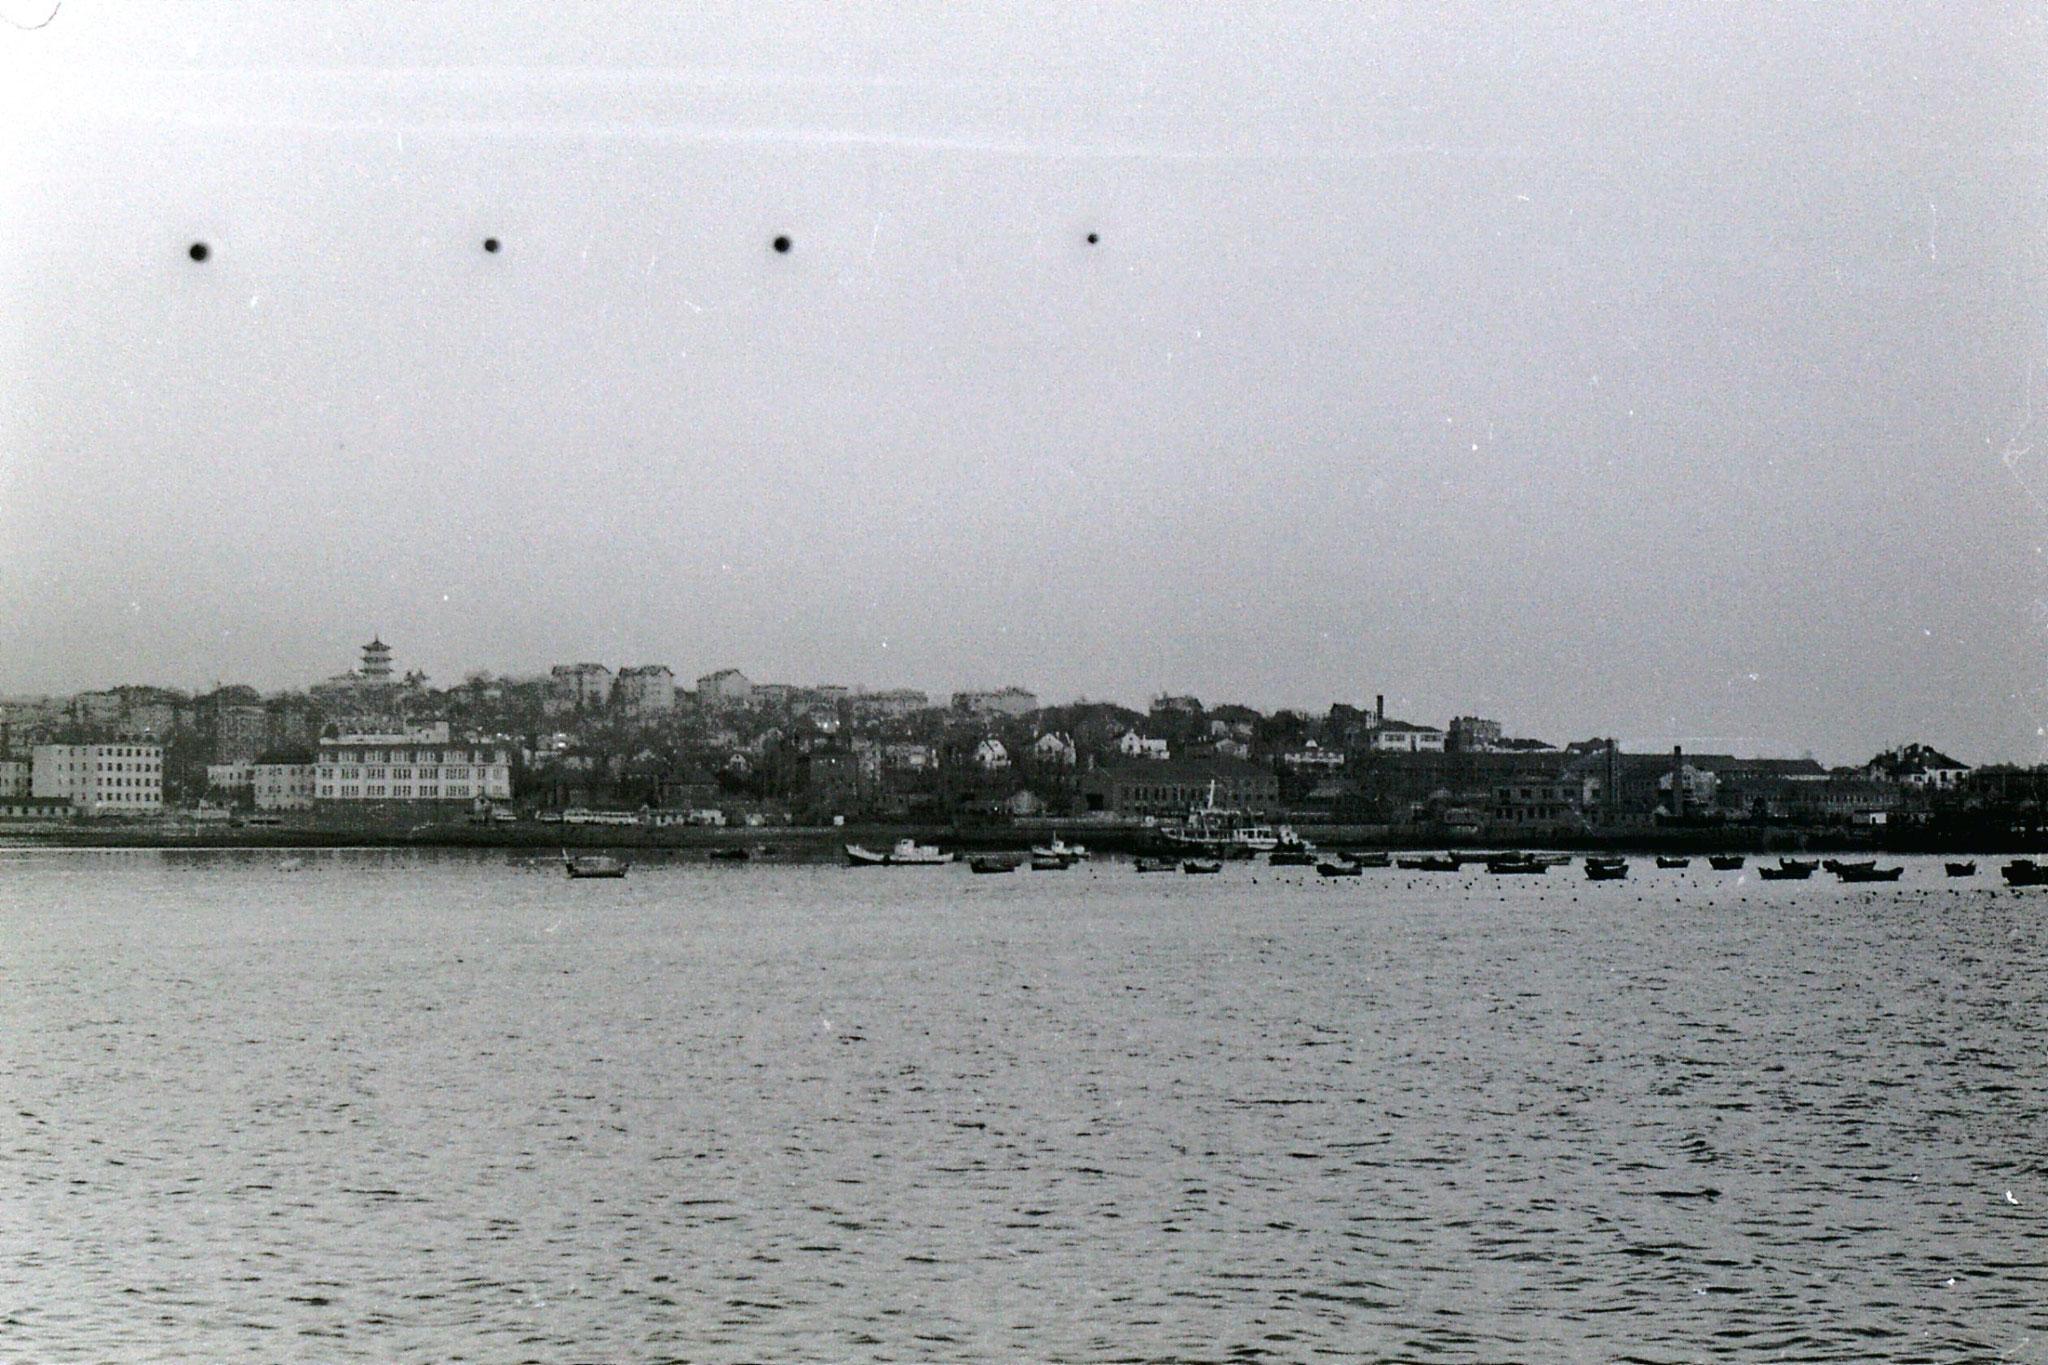 13/2/1989: 22: Qingdao